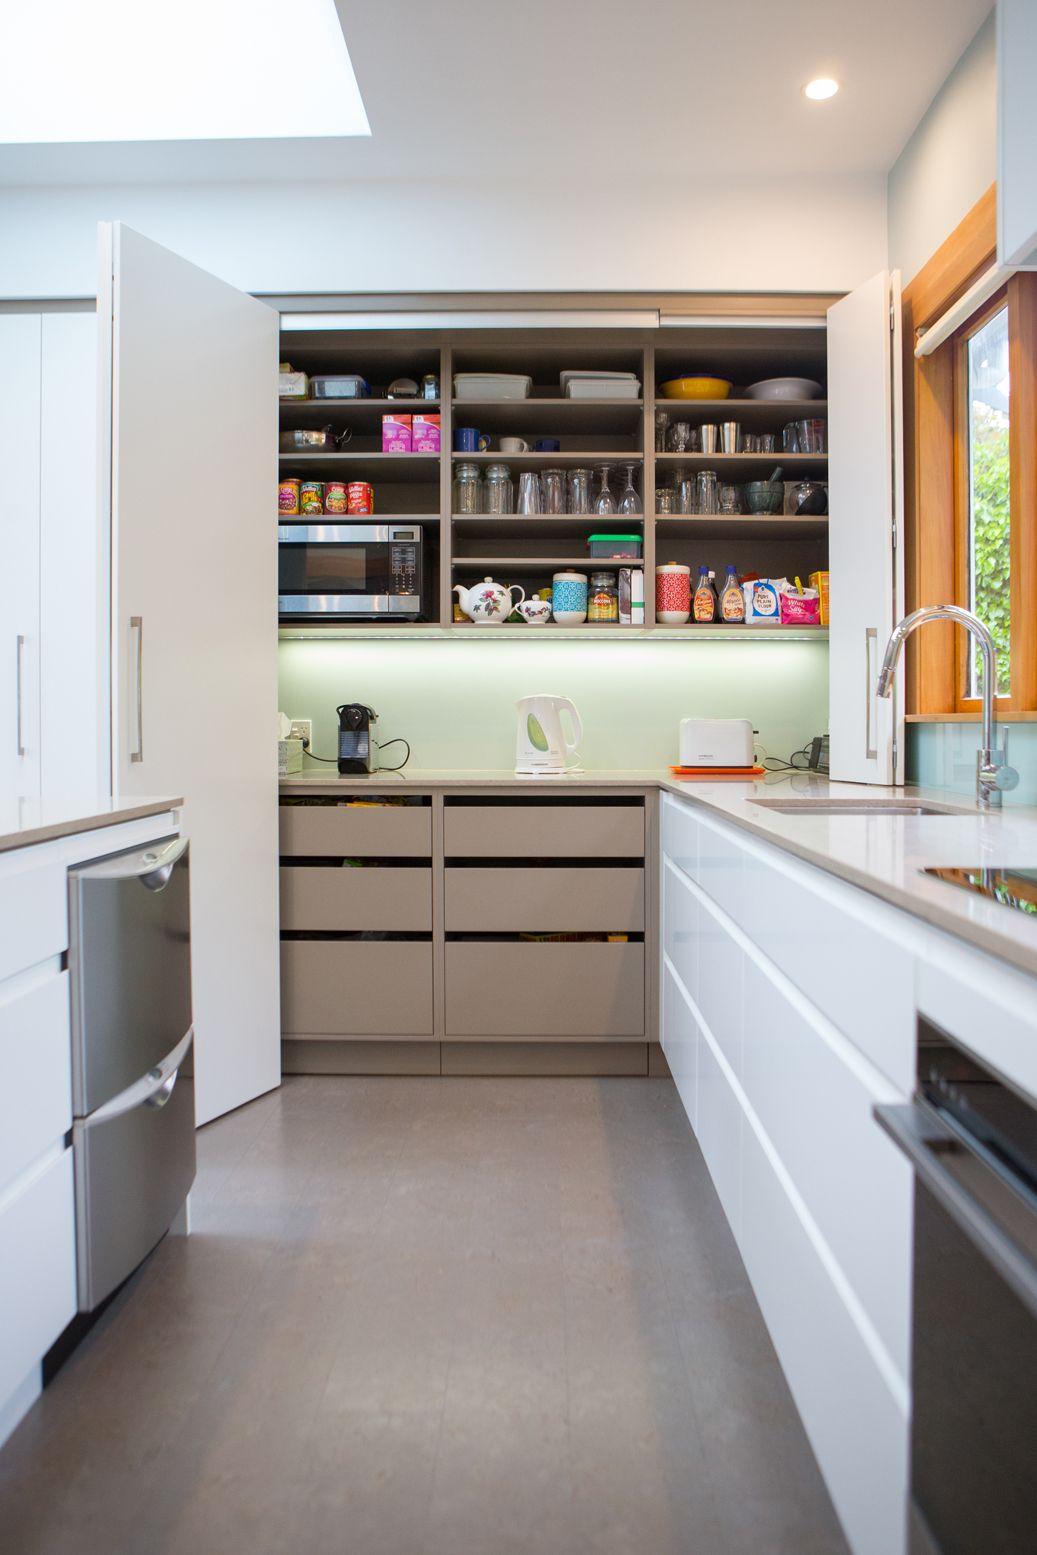 Kitchen Ideas Nz kitchen 654. sally steer design ltd. wellington, nz. custom routed